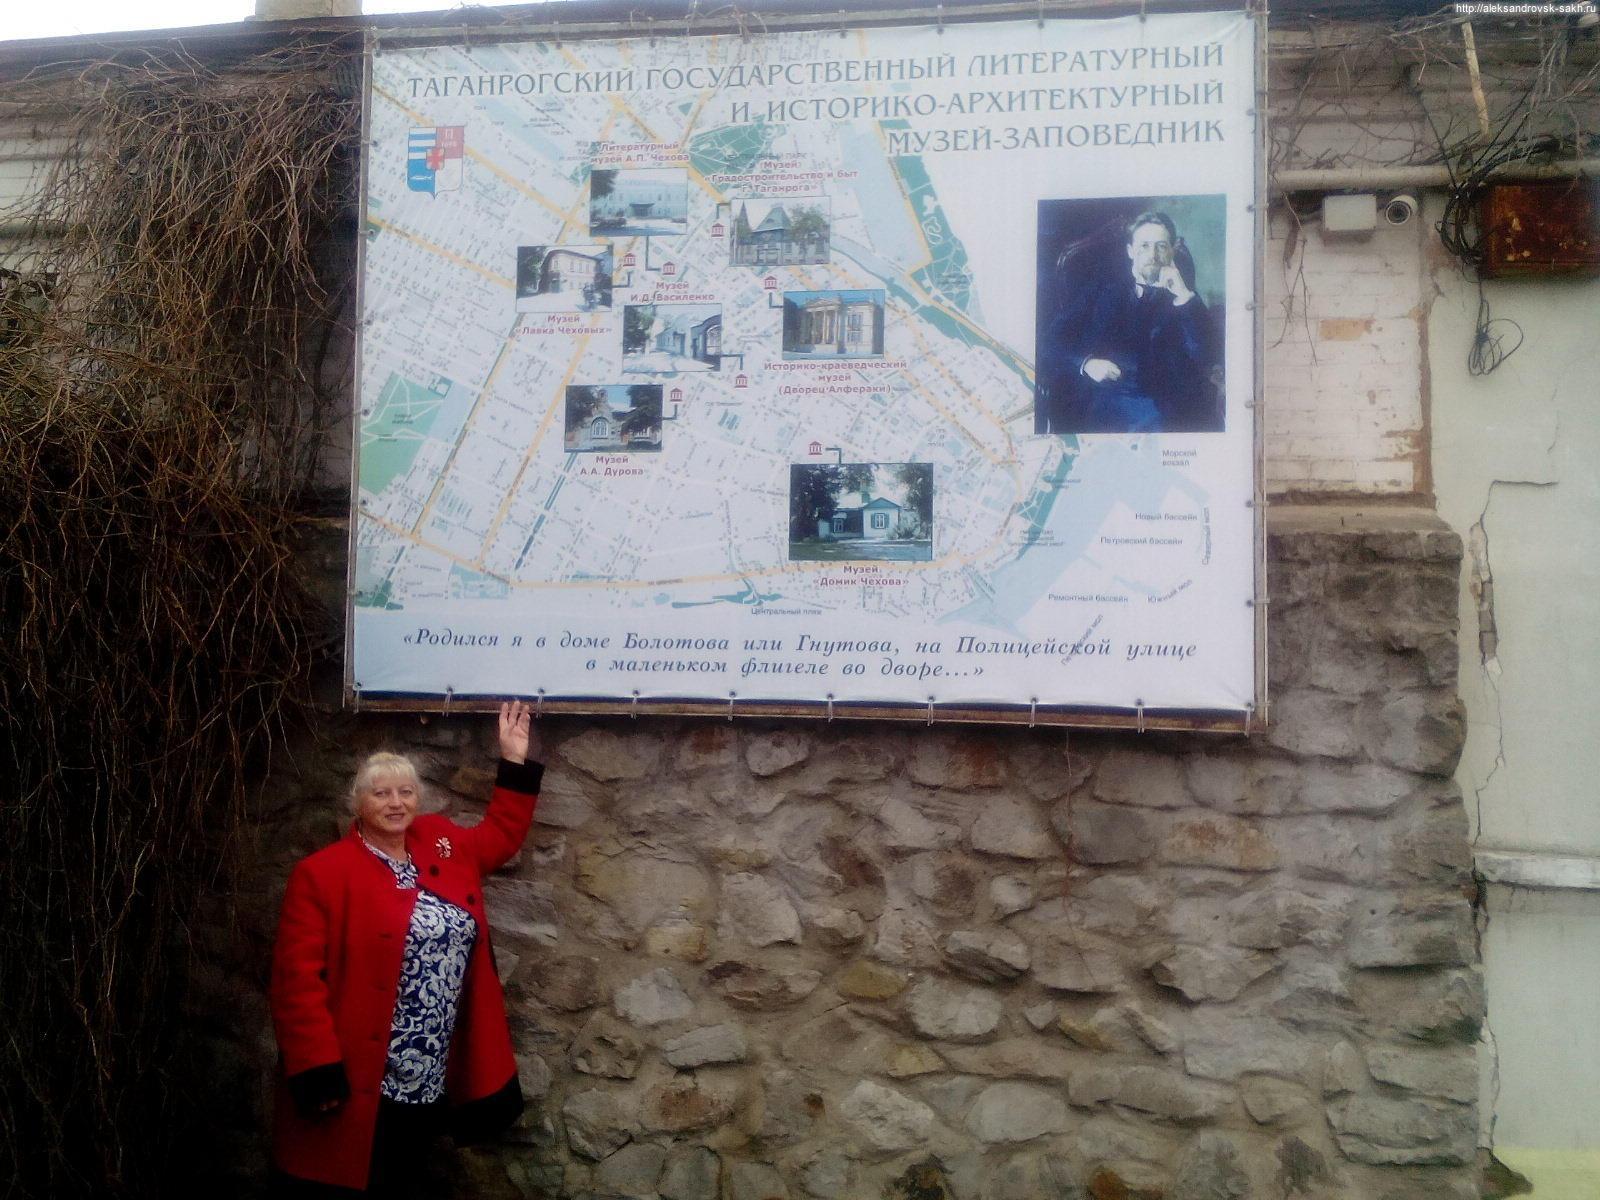 Музей А.П.Чехова в г. Таганроге. (image_59.jpg)